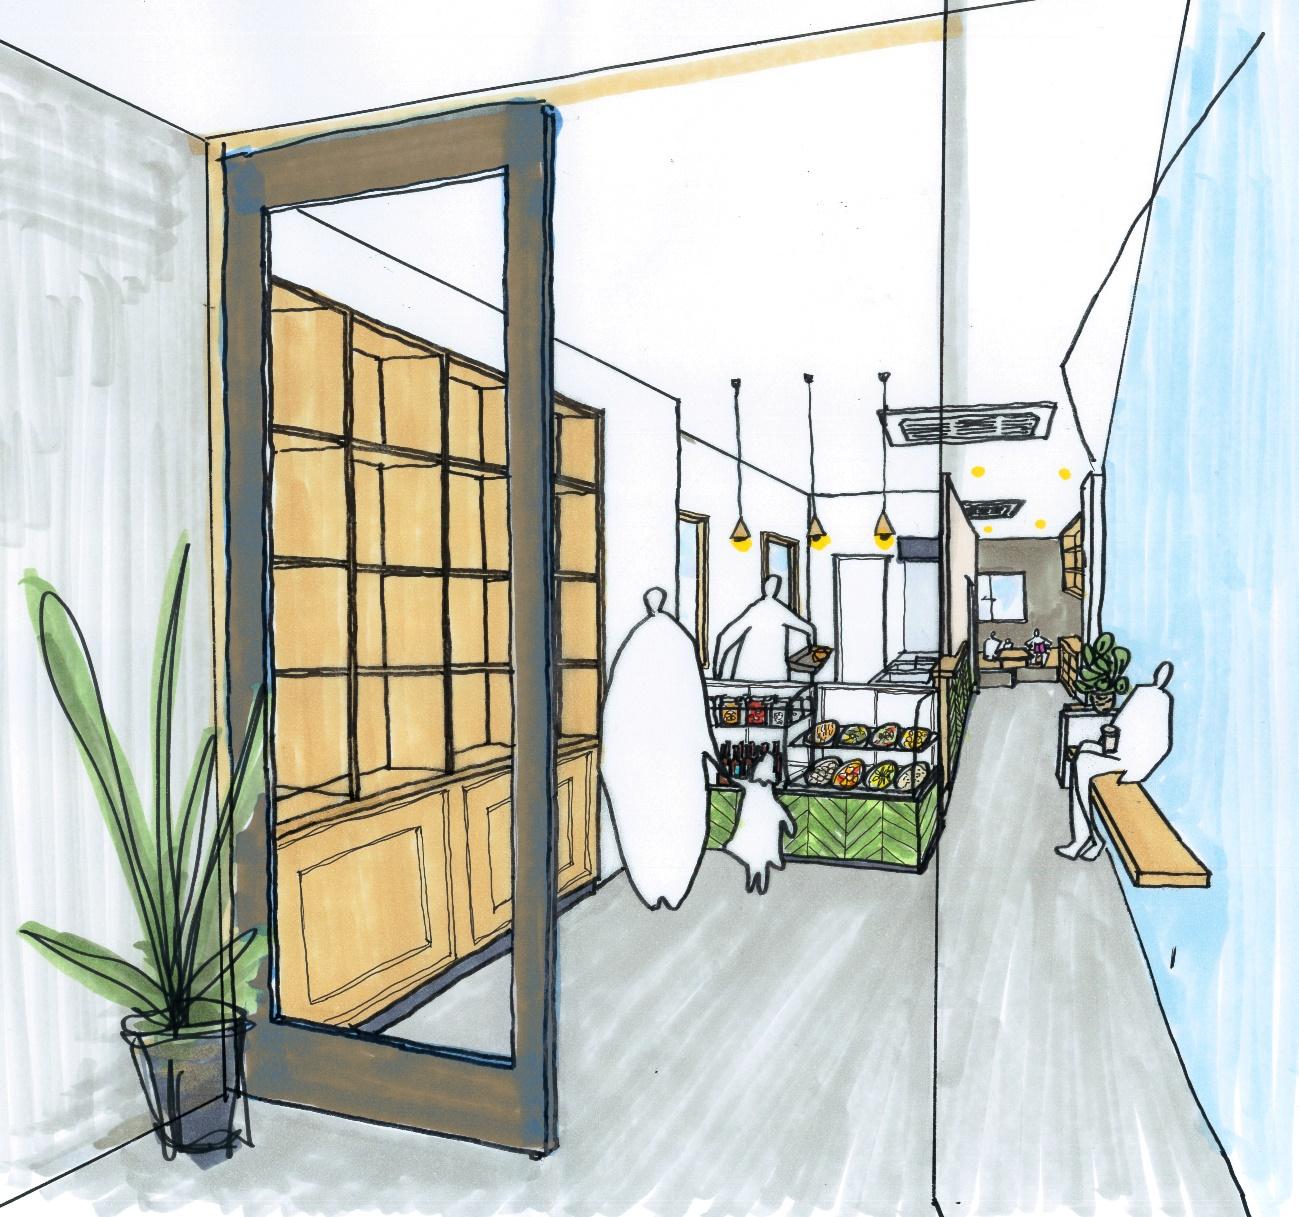 シェアで地域とつながる。鎌倉・由比ガ浜の多世代交流拠点づくりにアイデアを!